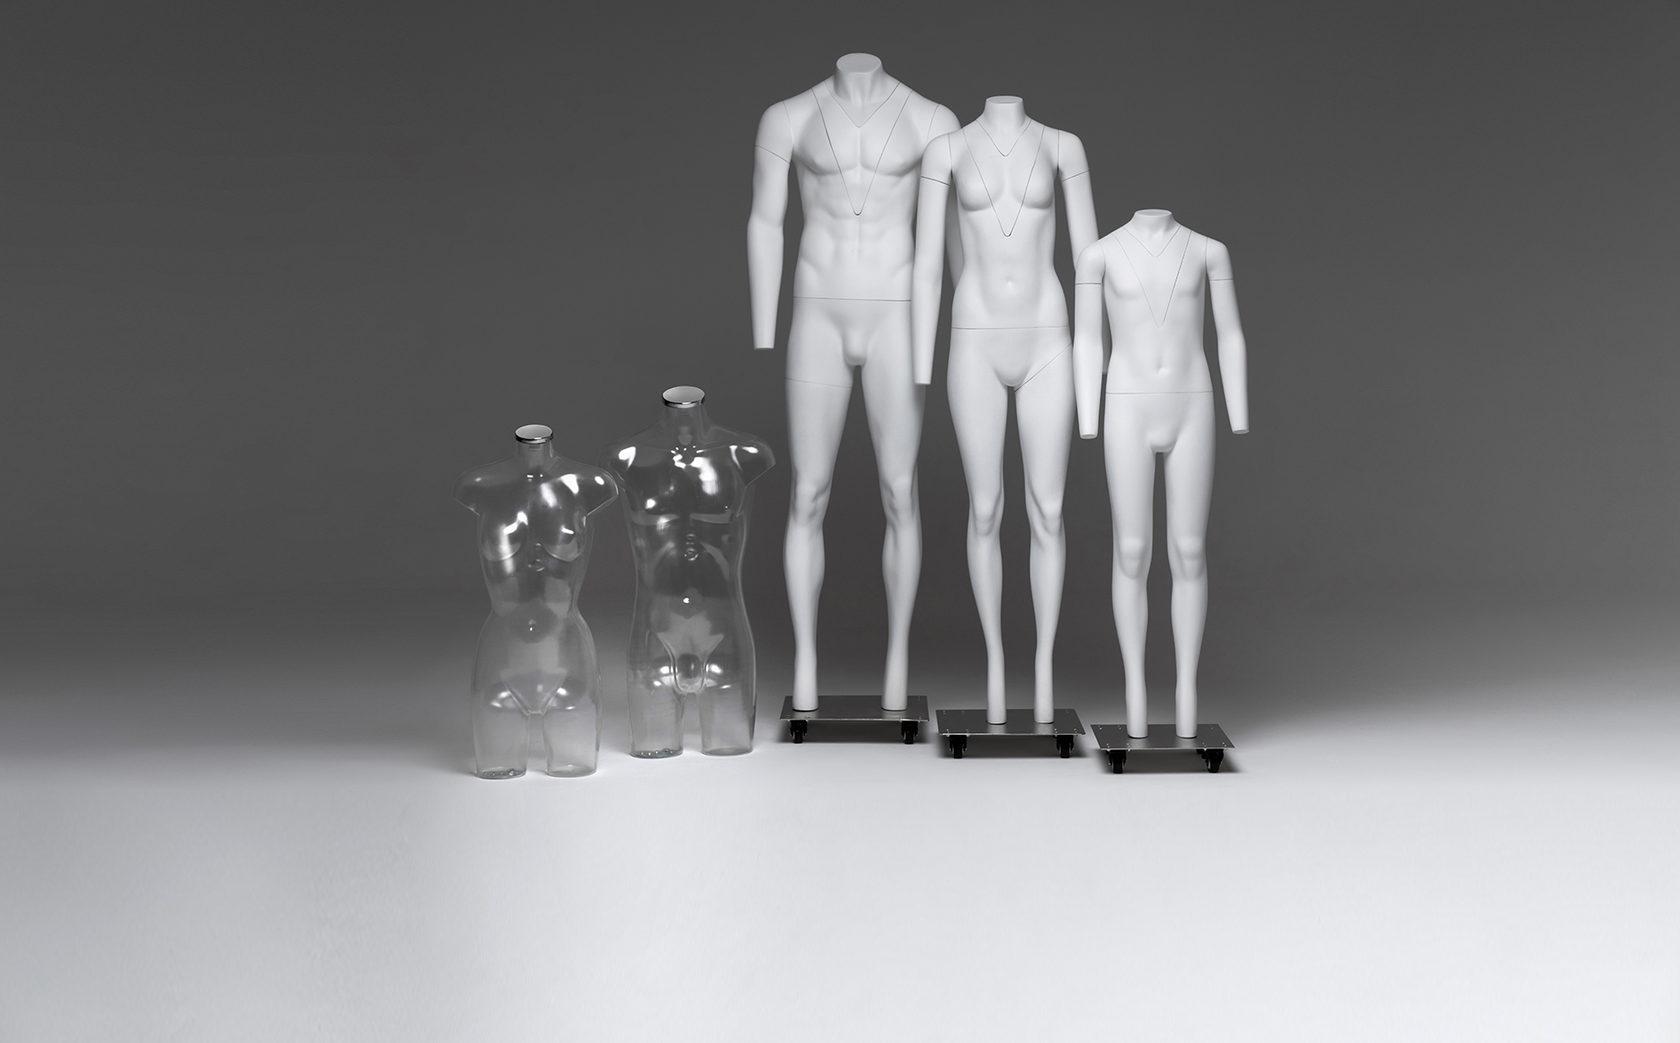 подписки специальные манекены для фотографирования одежды своем инстаграме